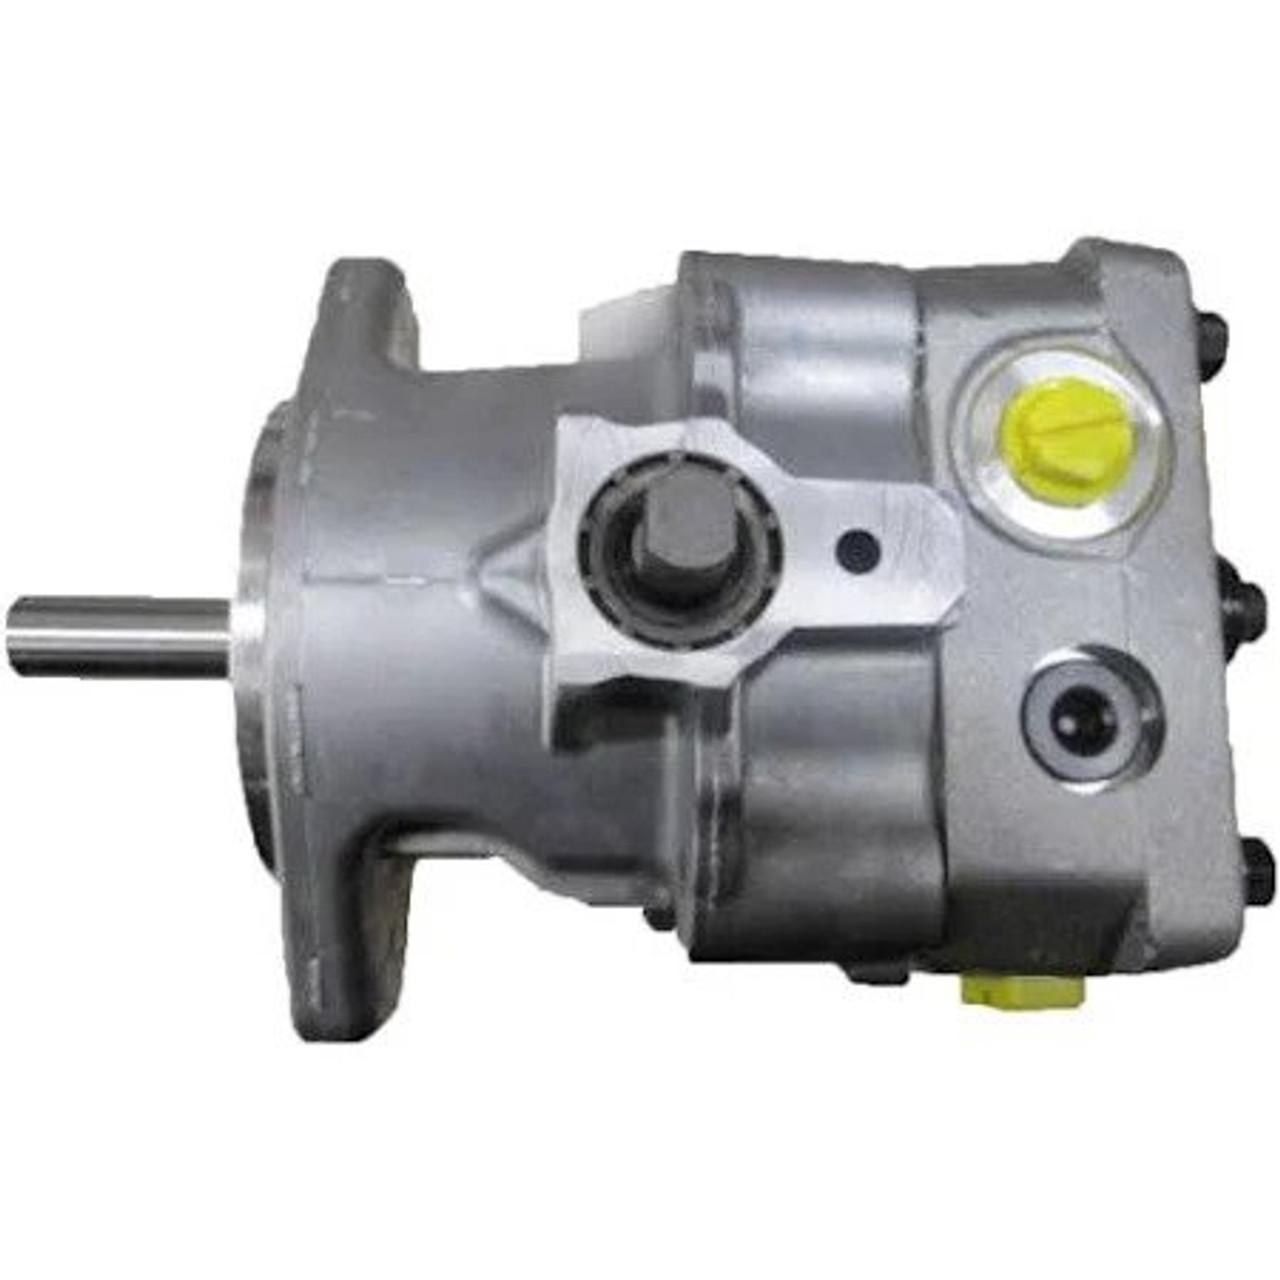 Hydro-Gear Pump 12cc (Right) for Ferris IS2500Z 5102175, PK-3KBQ-FV1F-XXXX